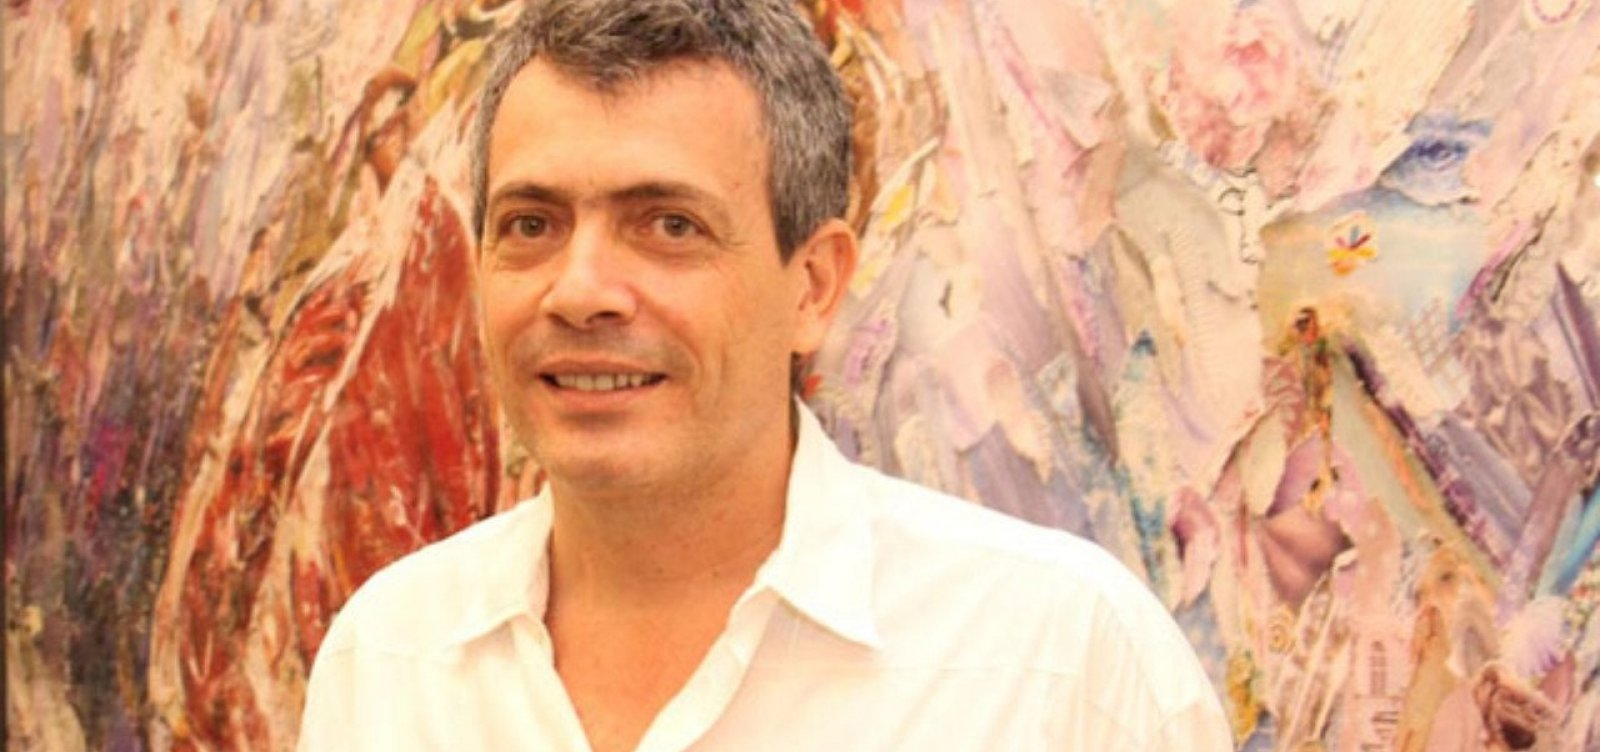 Morre o artista plástico Carlito Carvalhosa, aos 59 anos